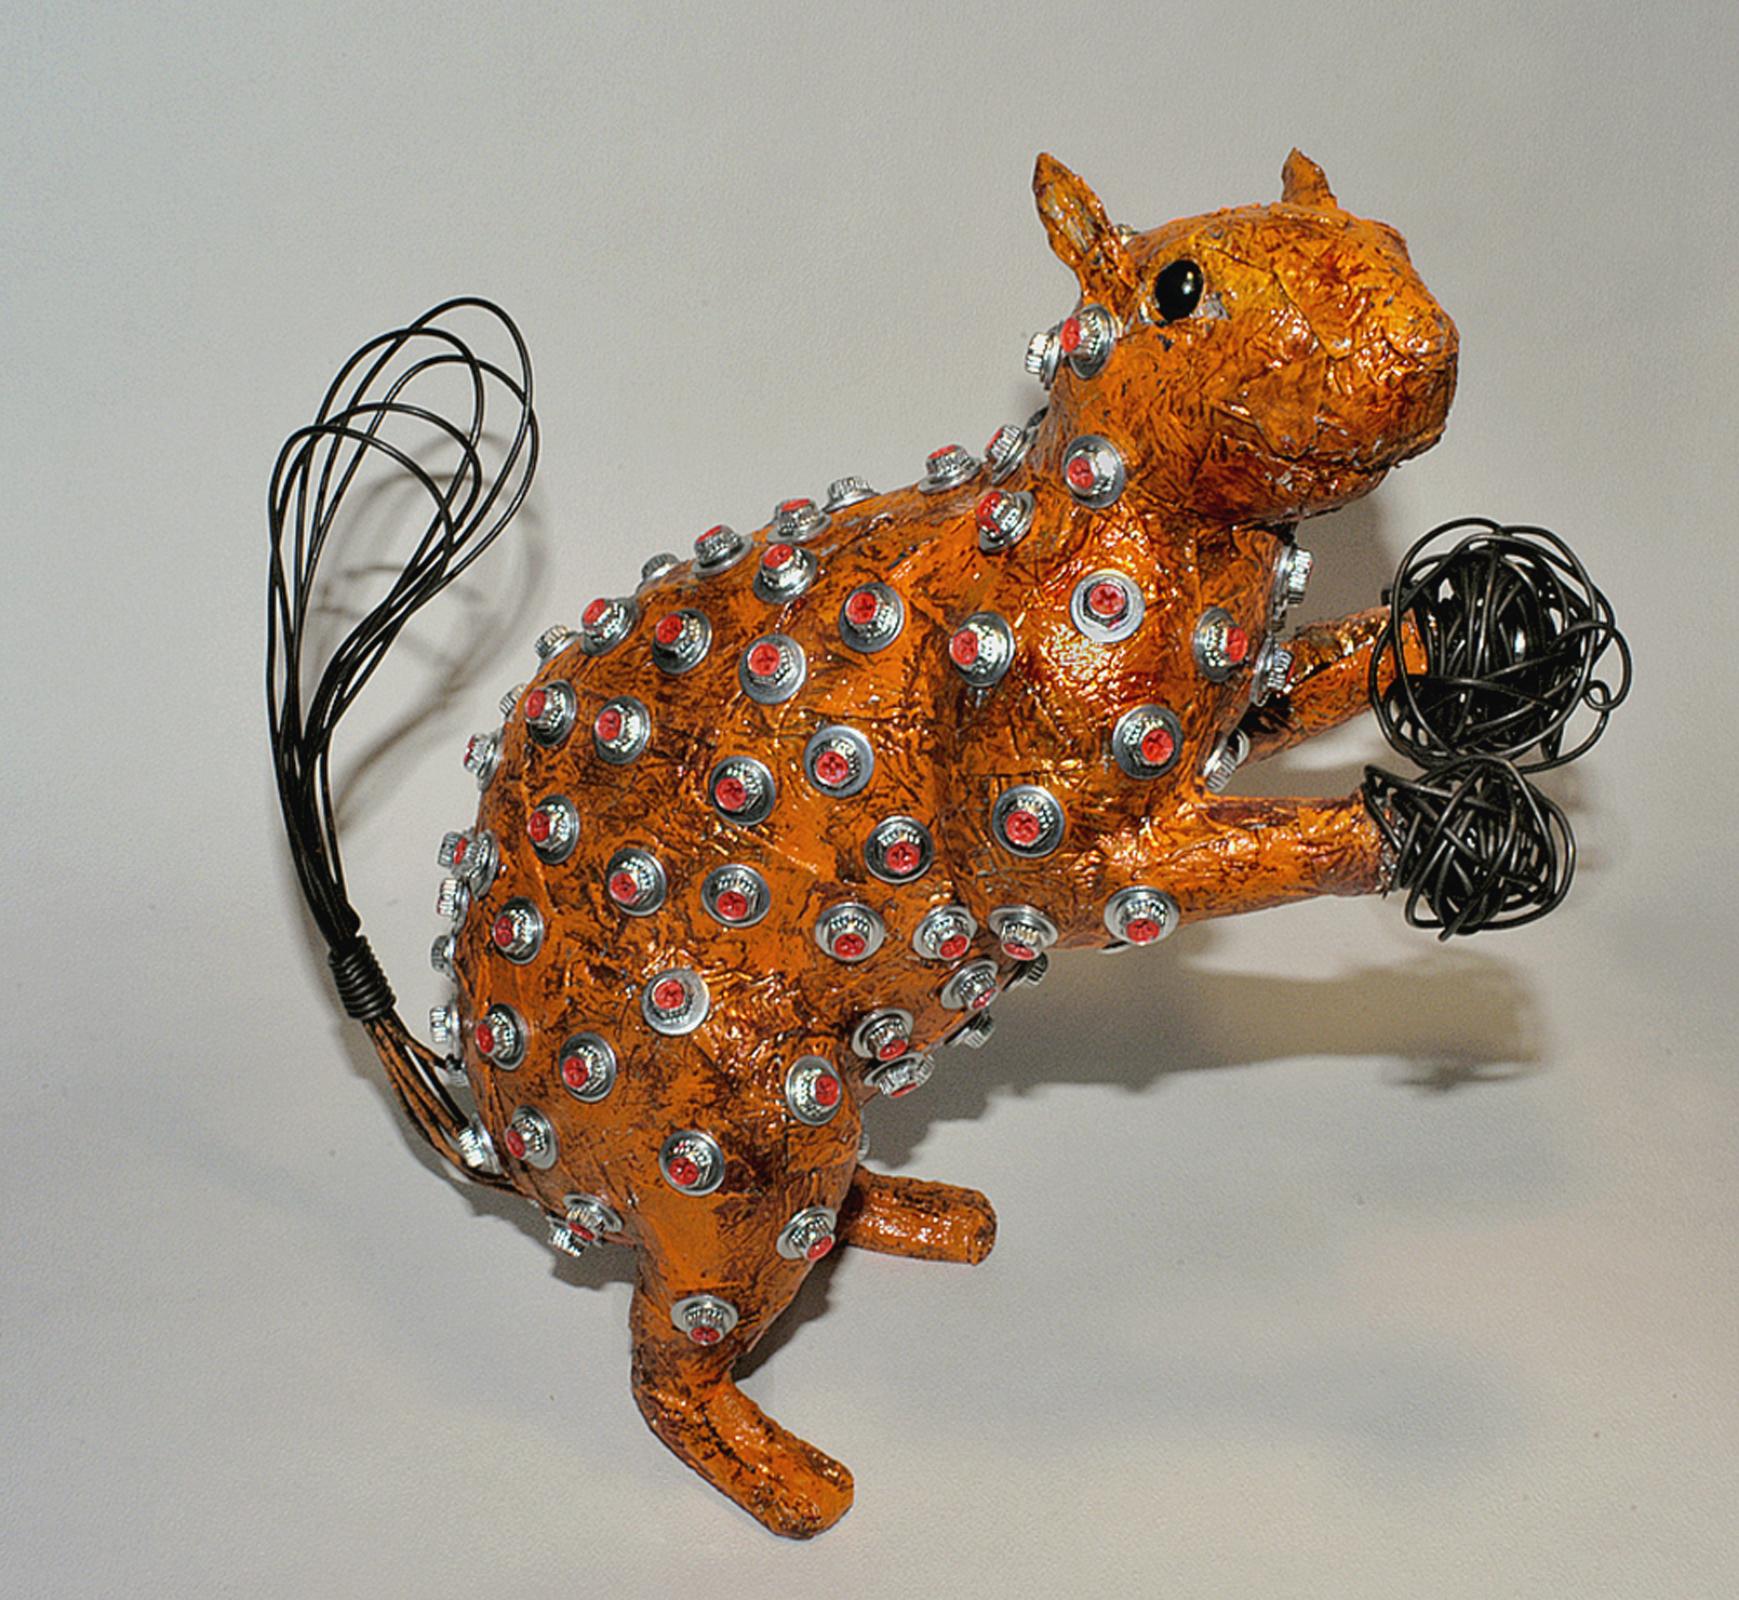 squirrel-orangemine